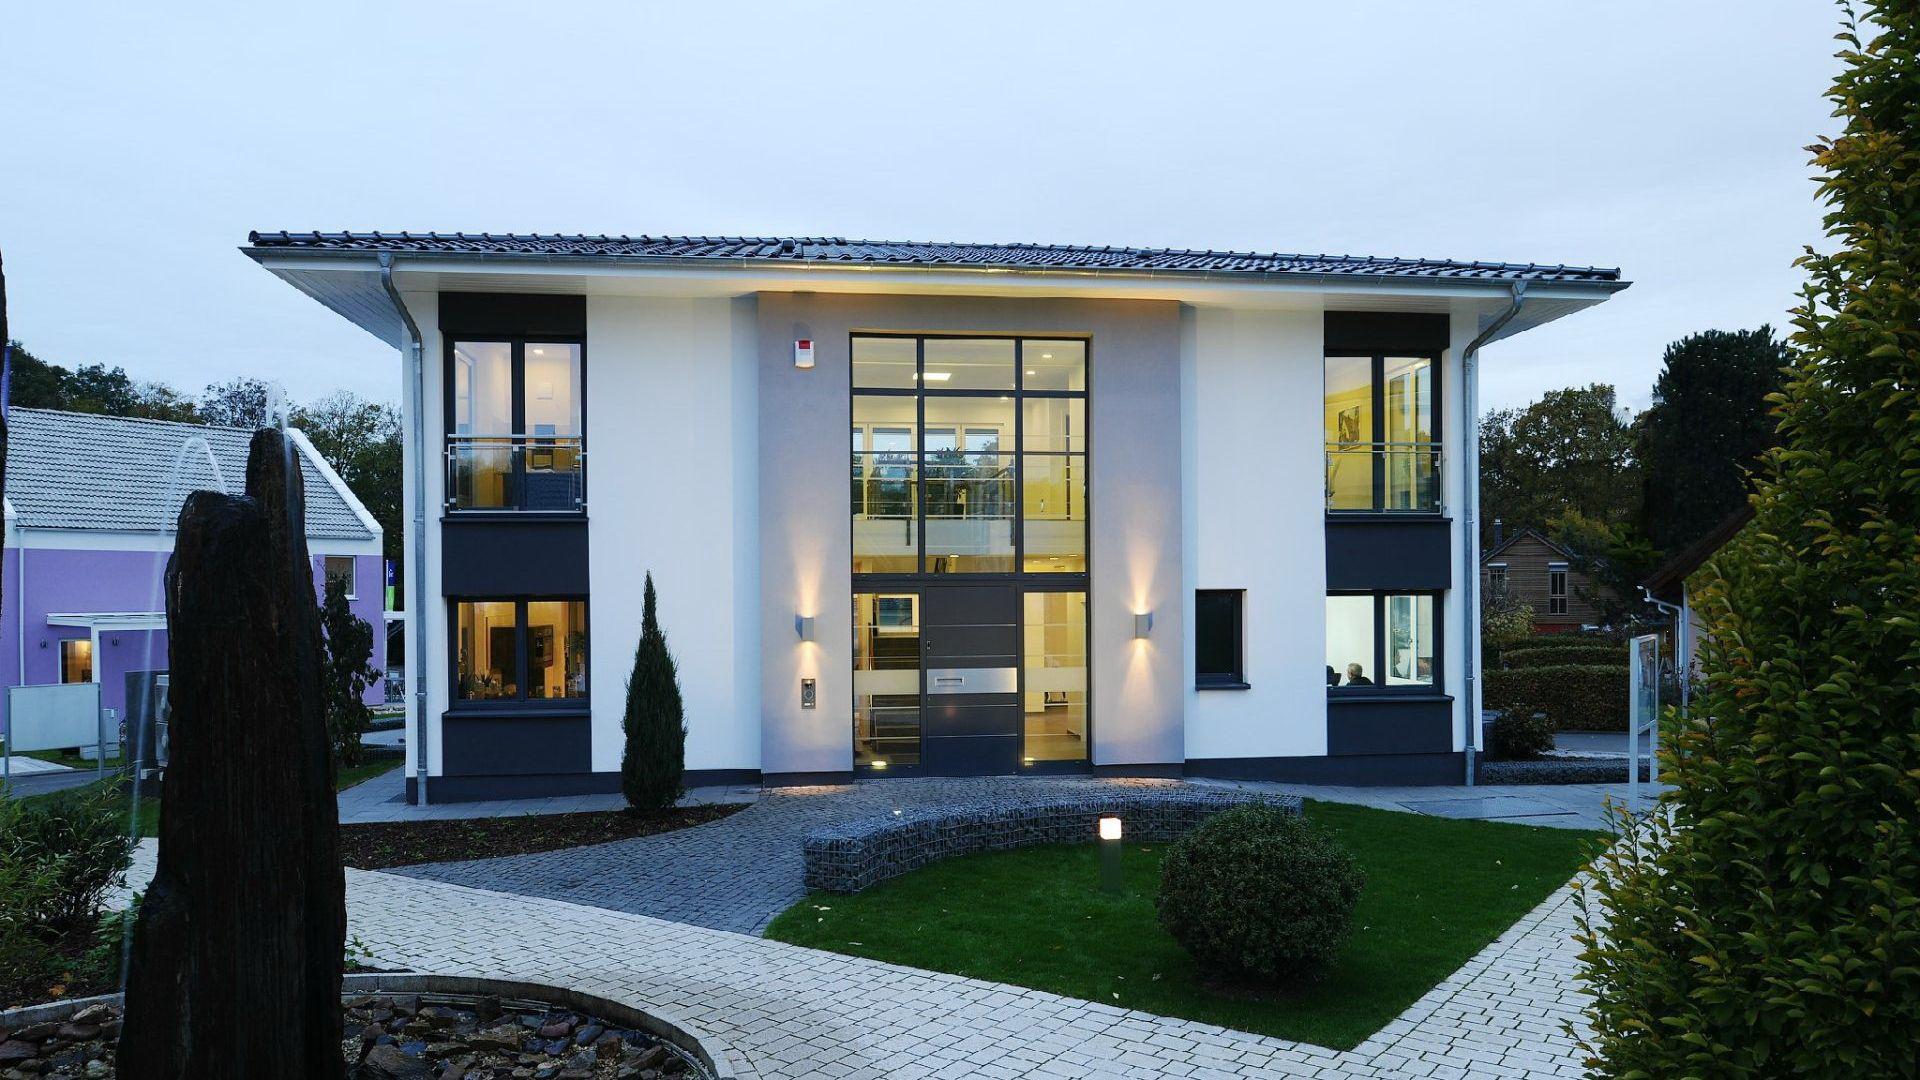 Musterhaus Bad Vilbel | Die schönsten Einrichtungsideen